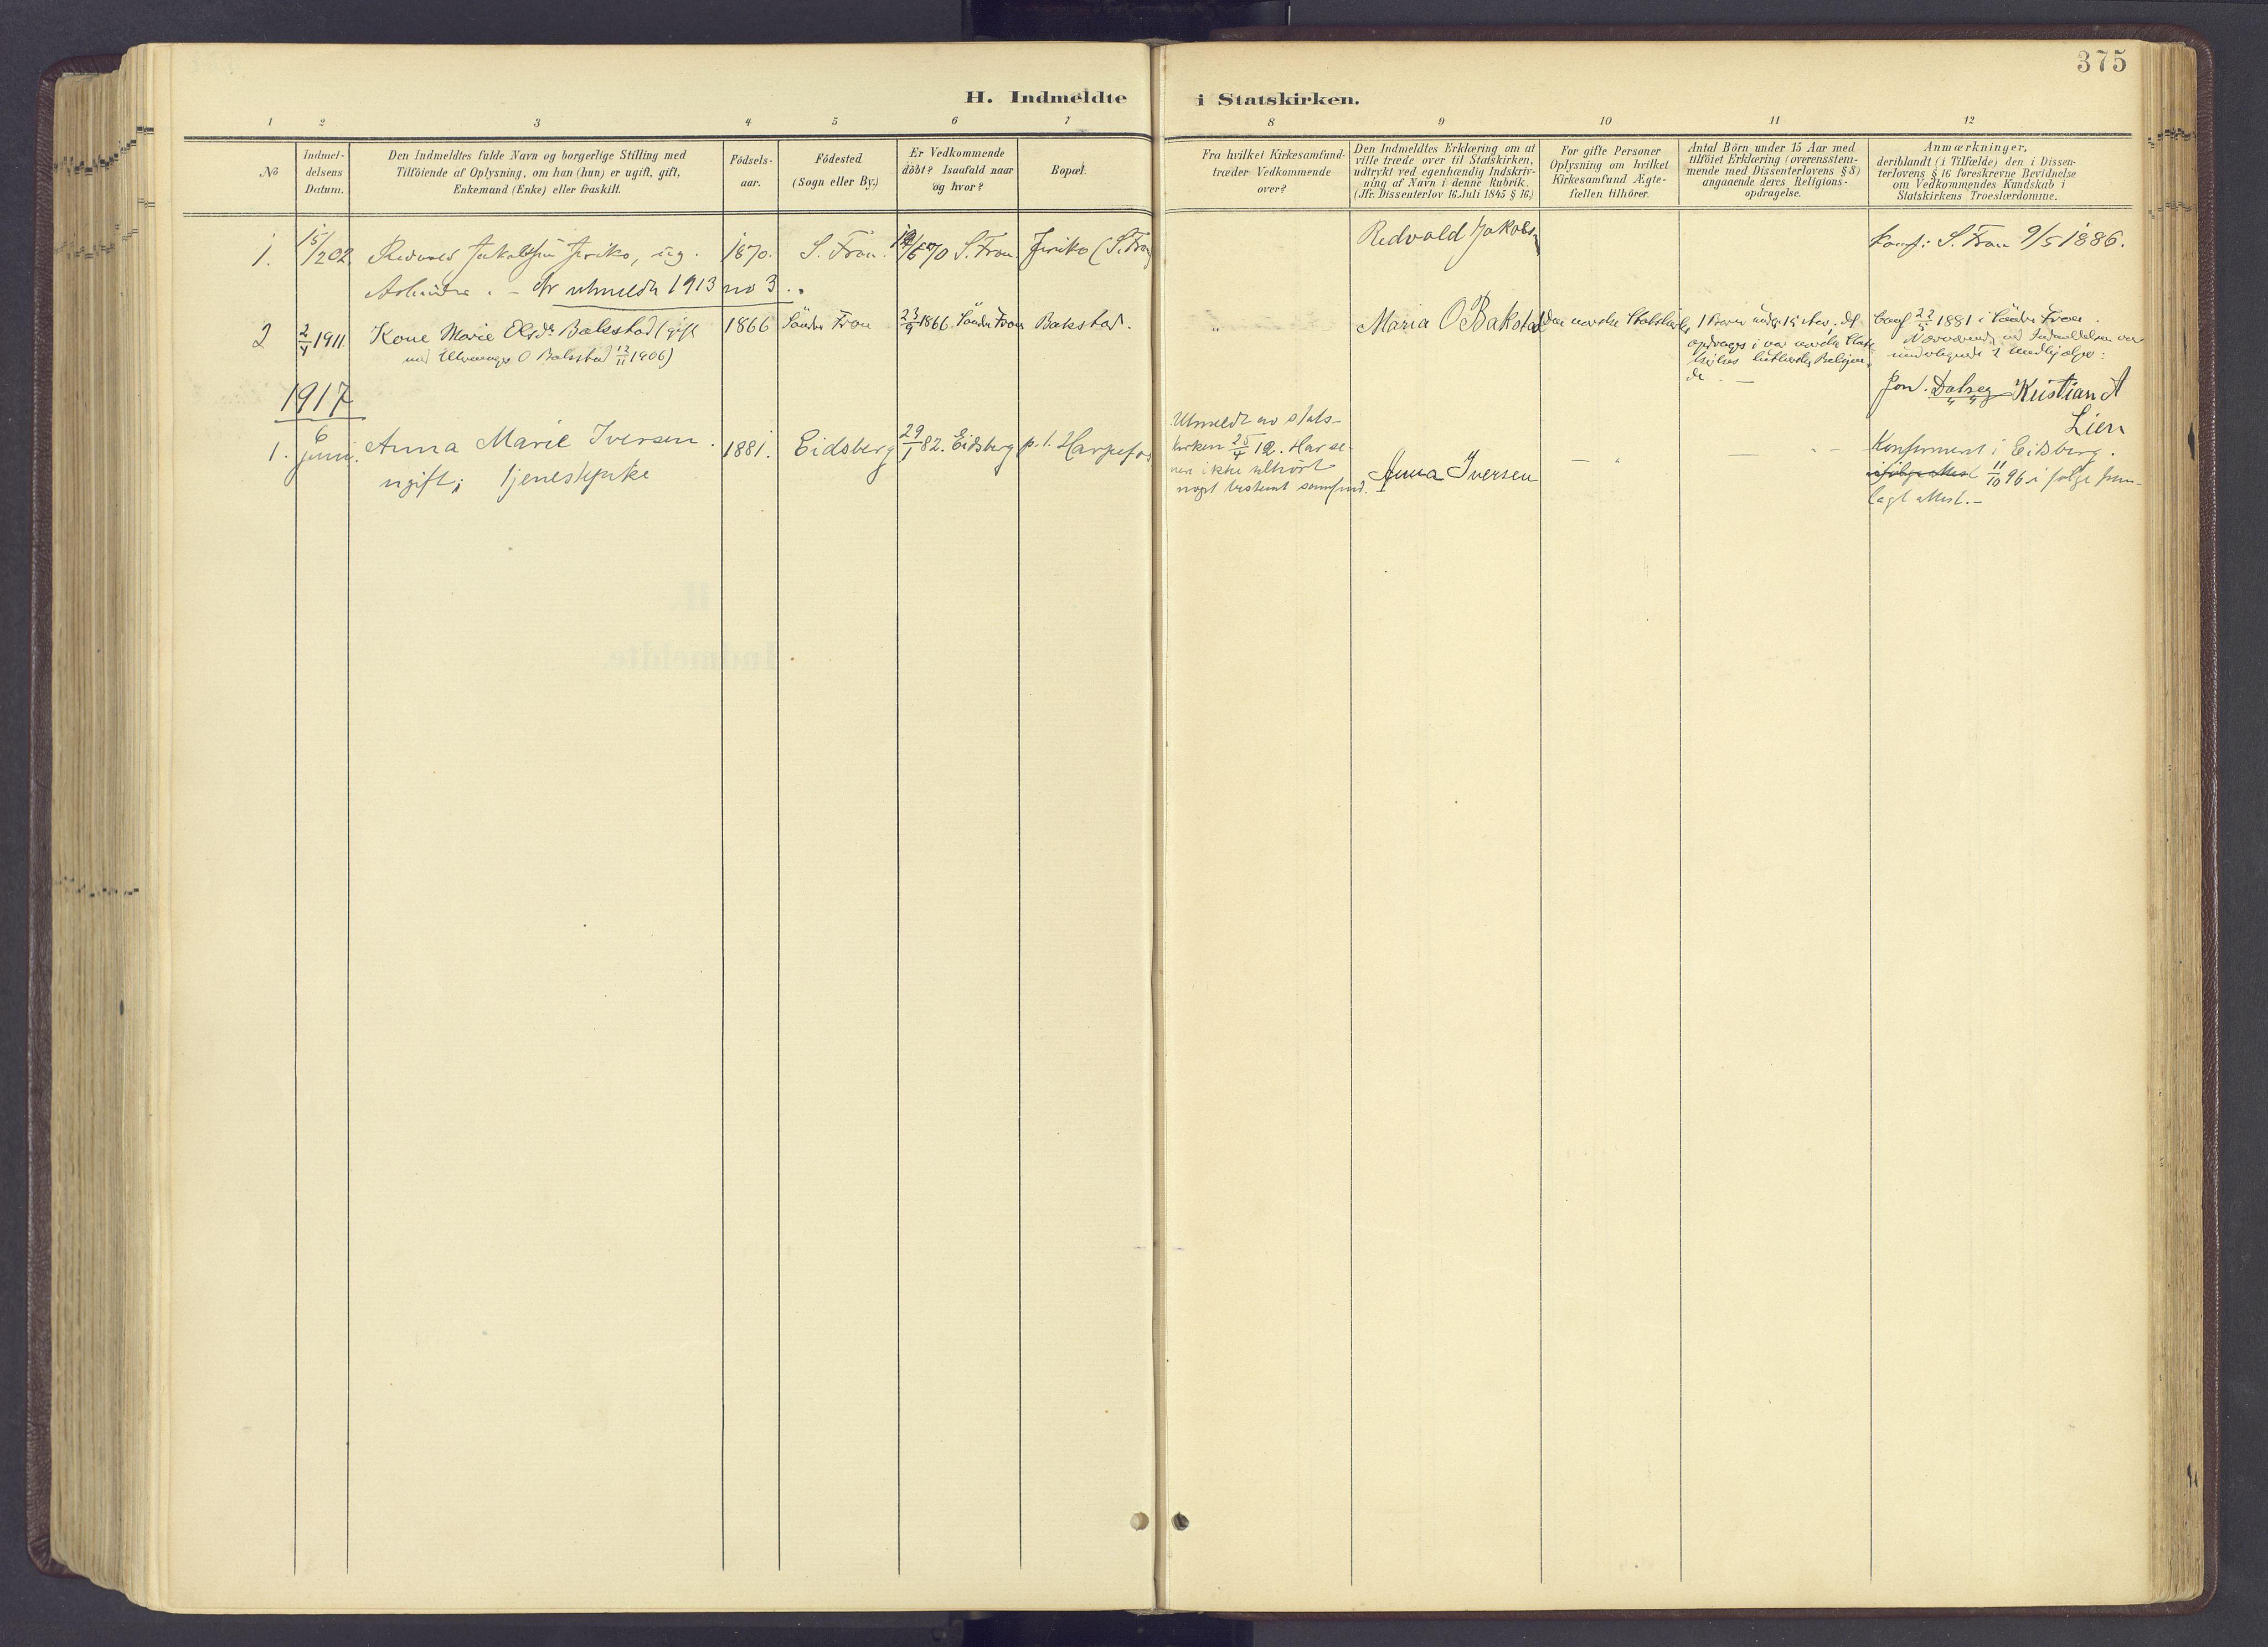 SAH, Sør-Fron prestekontor, H/Ha/Haa/L0004: Ministerialbok nr. 4, 1898-1919, s. 375